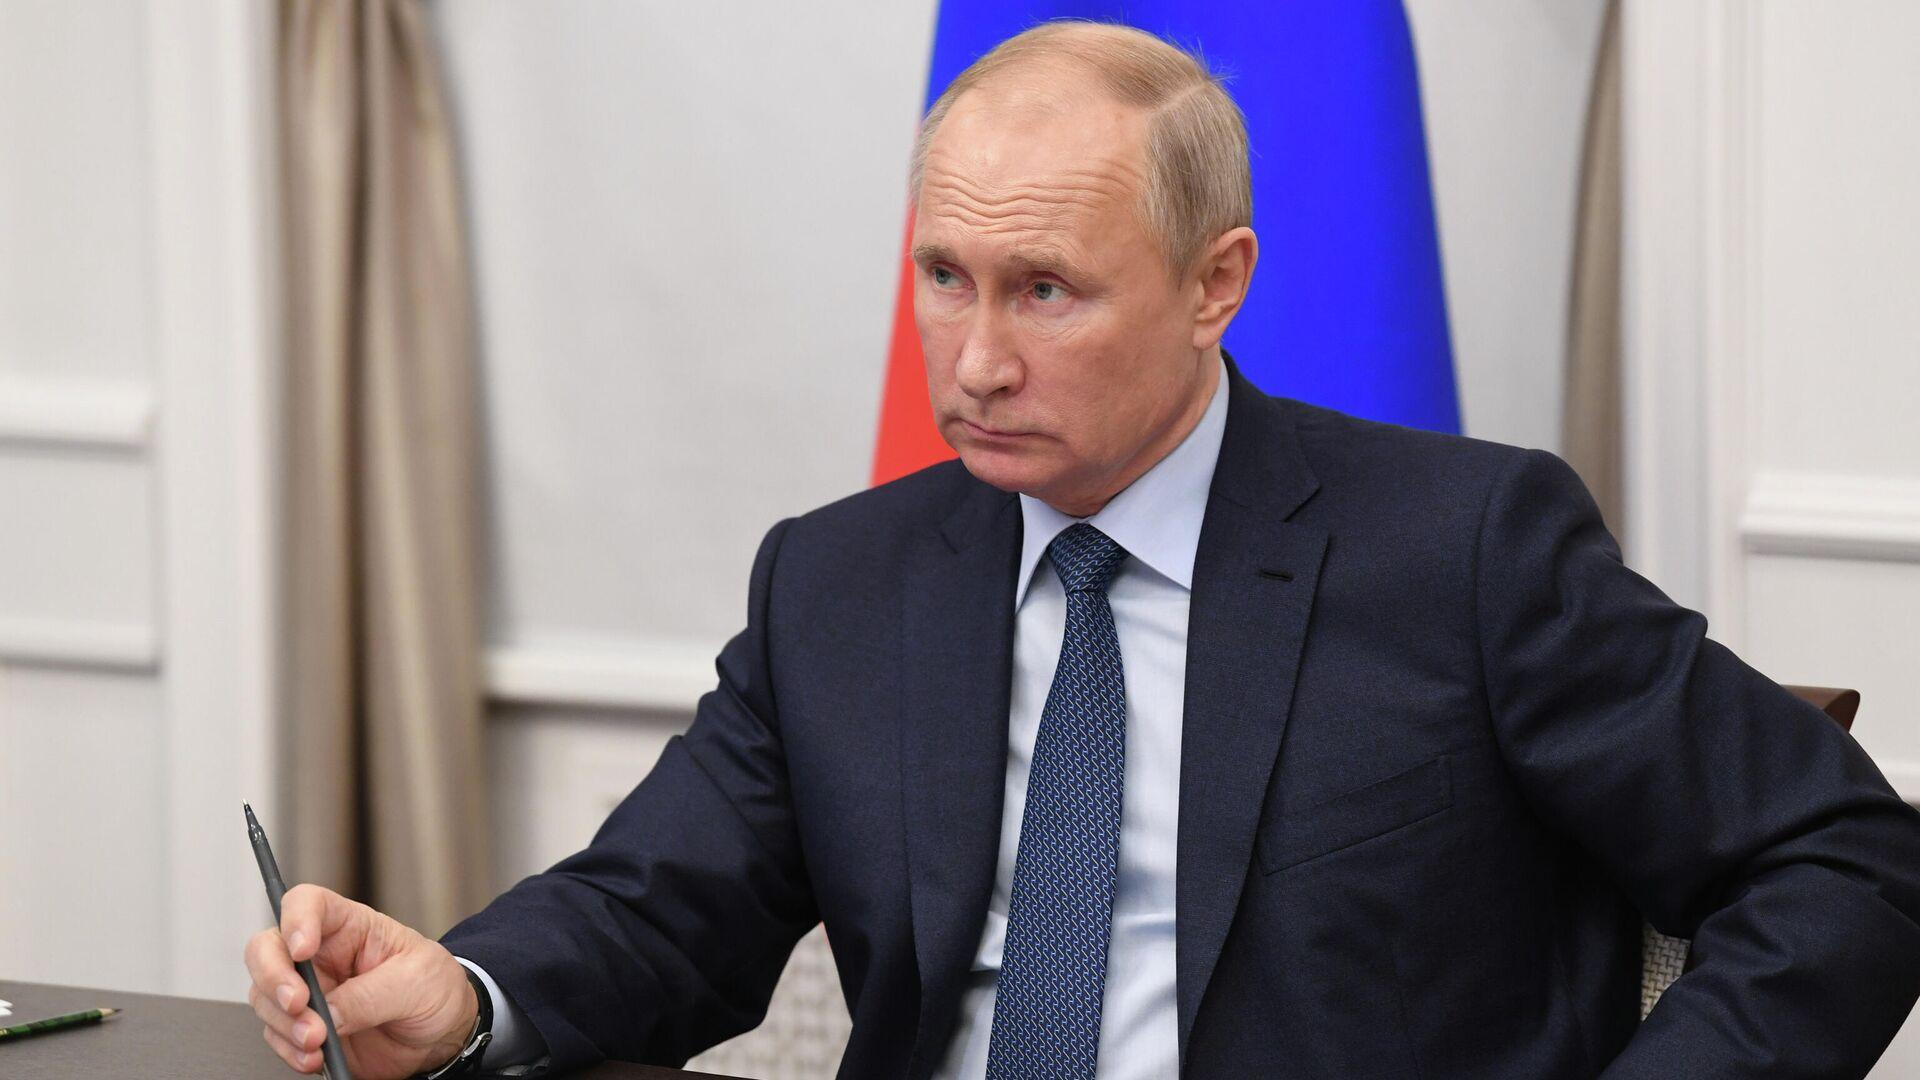 Президент РФ Владимир Путин проводит совещание в Нижегородской области - РИА Новости, 1920, 02.12.2020